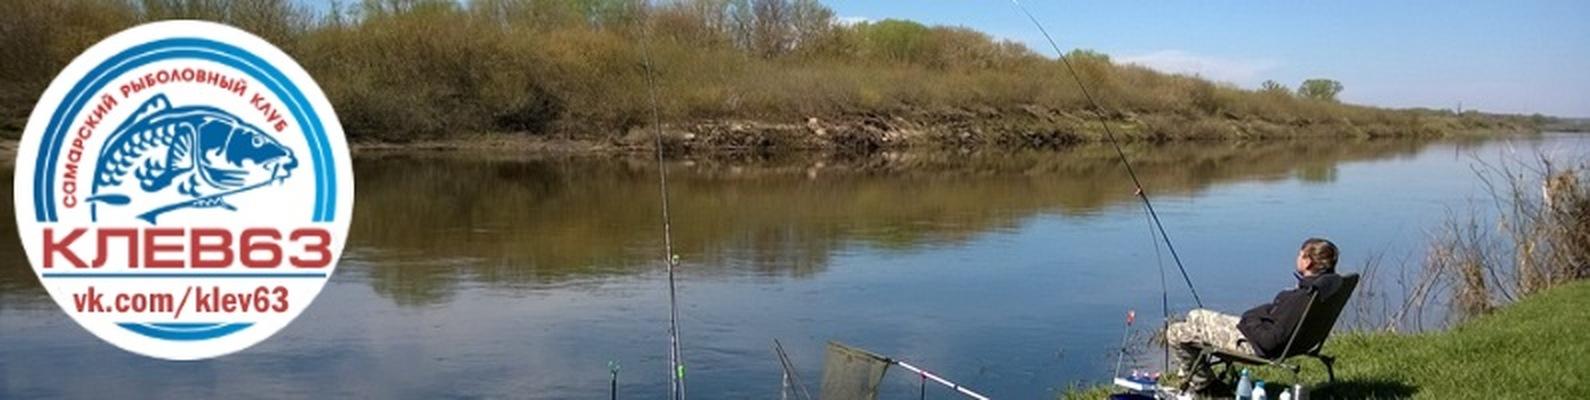 Самарская область комаровка рыбалка